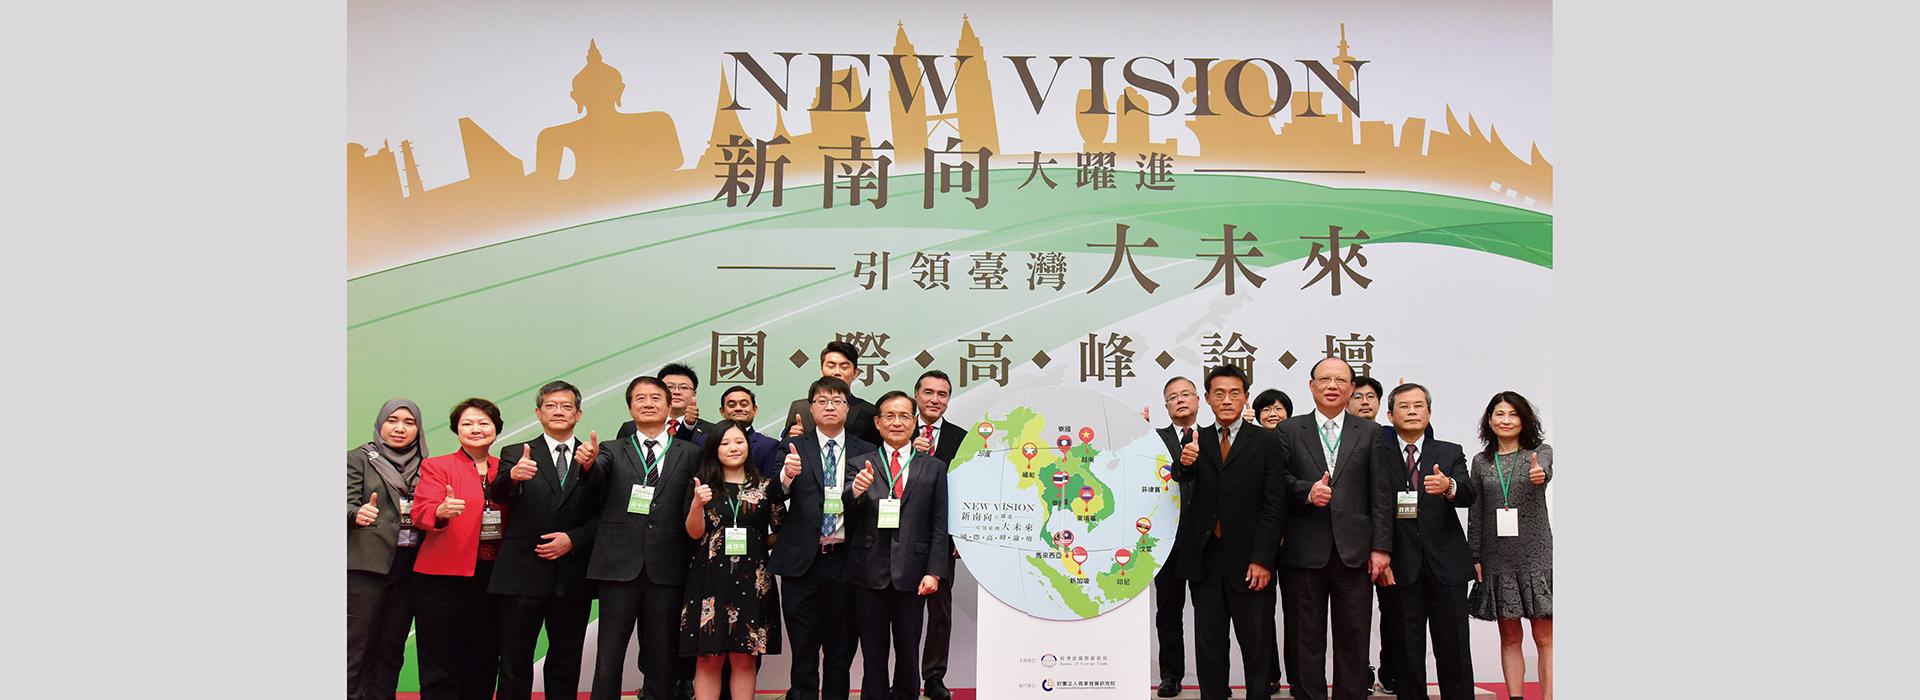 五國商業菁英分享拓銷東協、印度成功經驗                                                             知己知彼  新南向大躍進